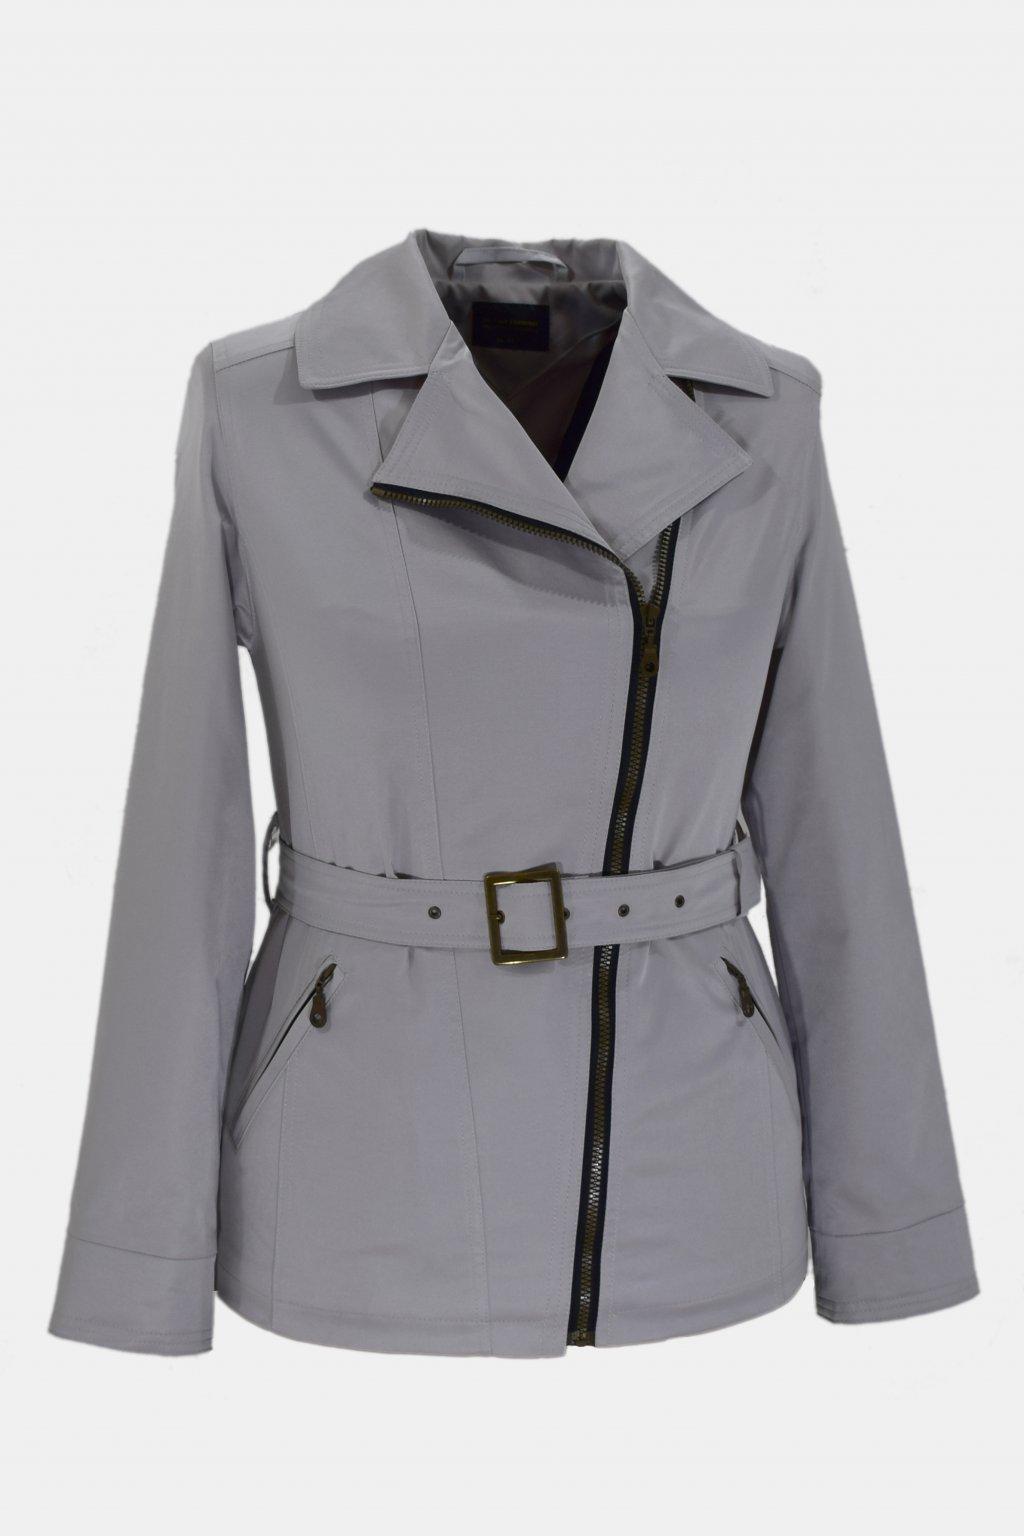 Dámský světle šedý jarní kabátek Zora nadměrné velikosti